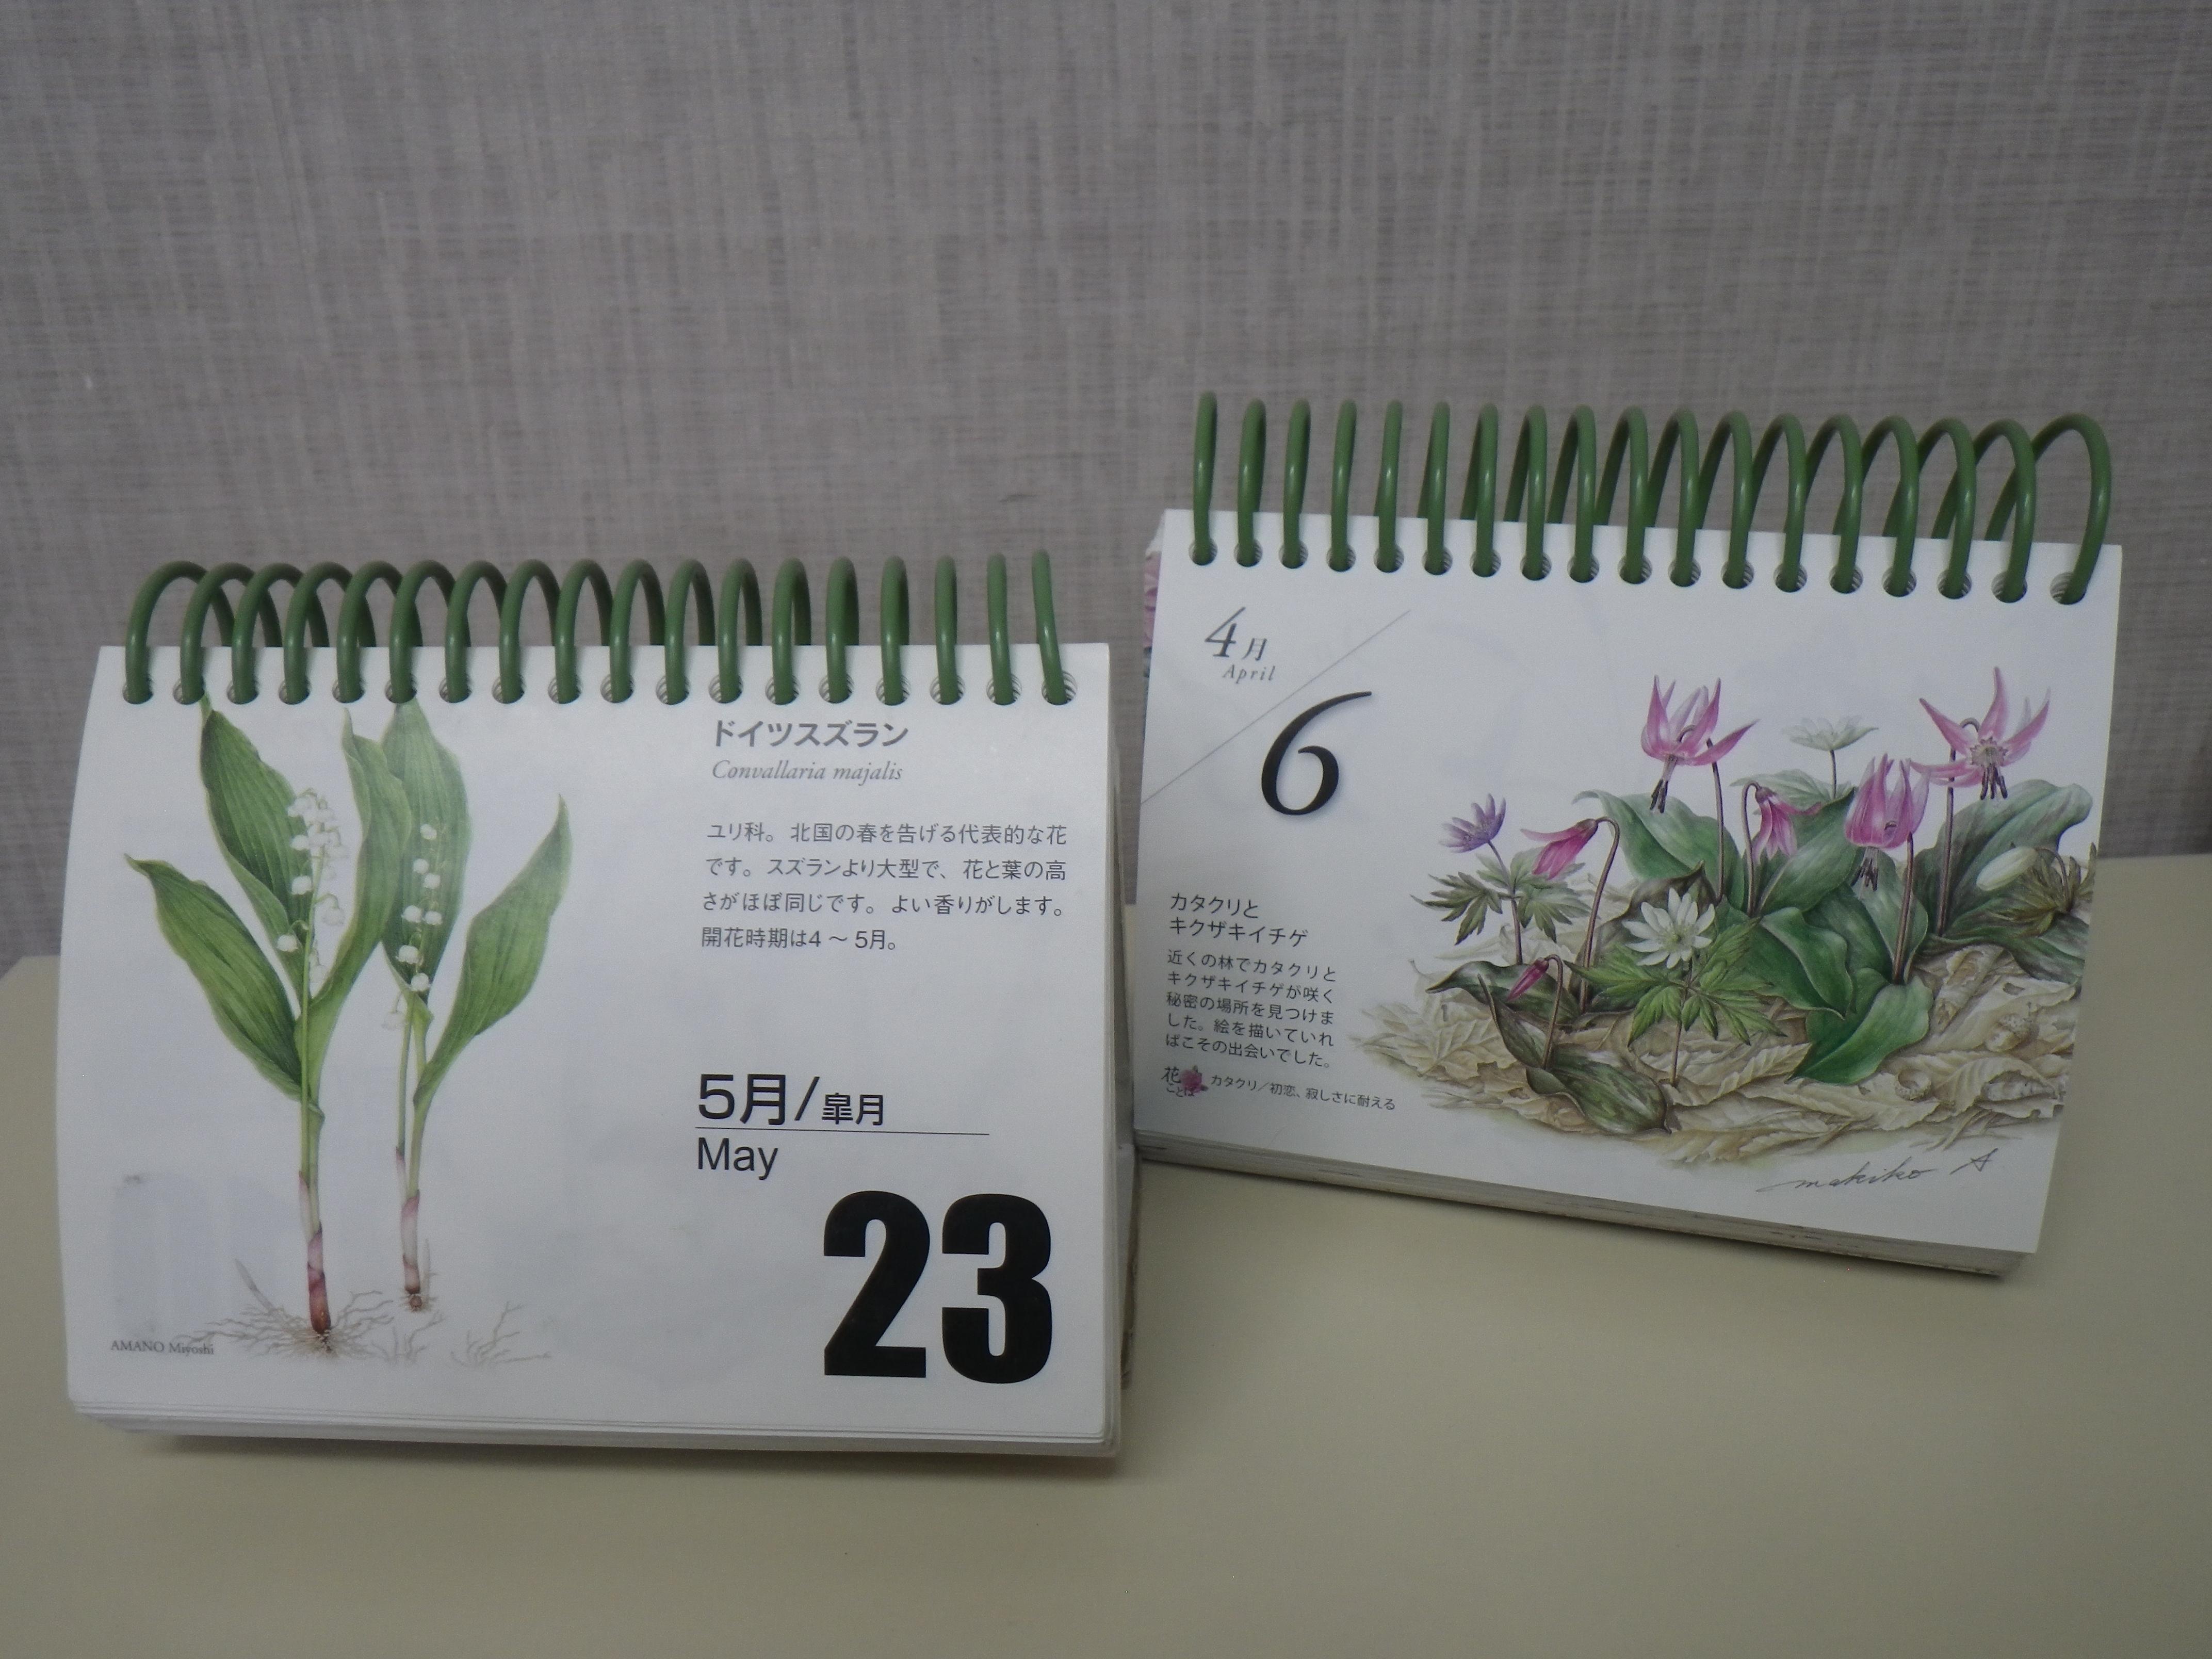 卓上型毎年カレンダー2種の内容の画像